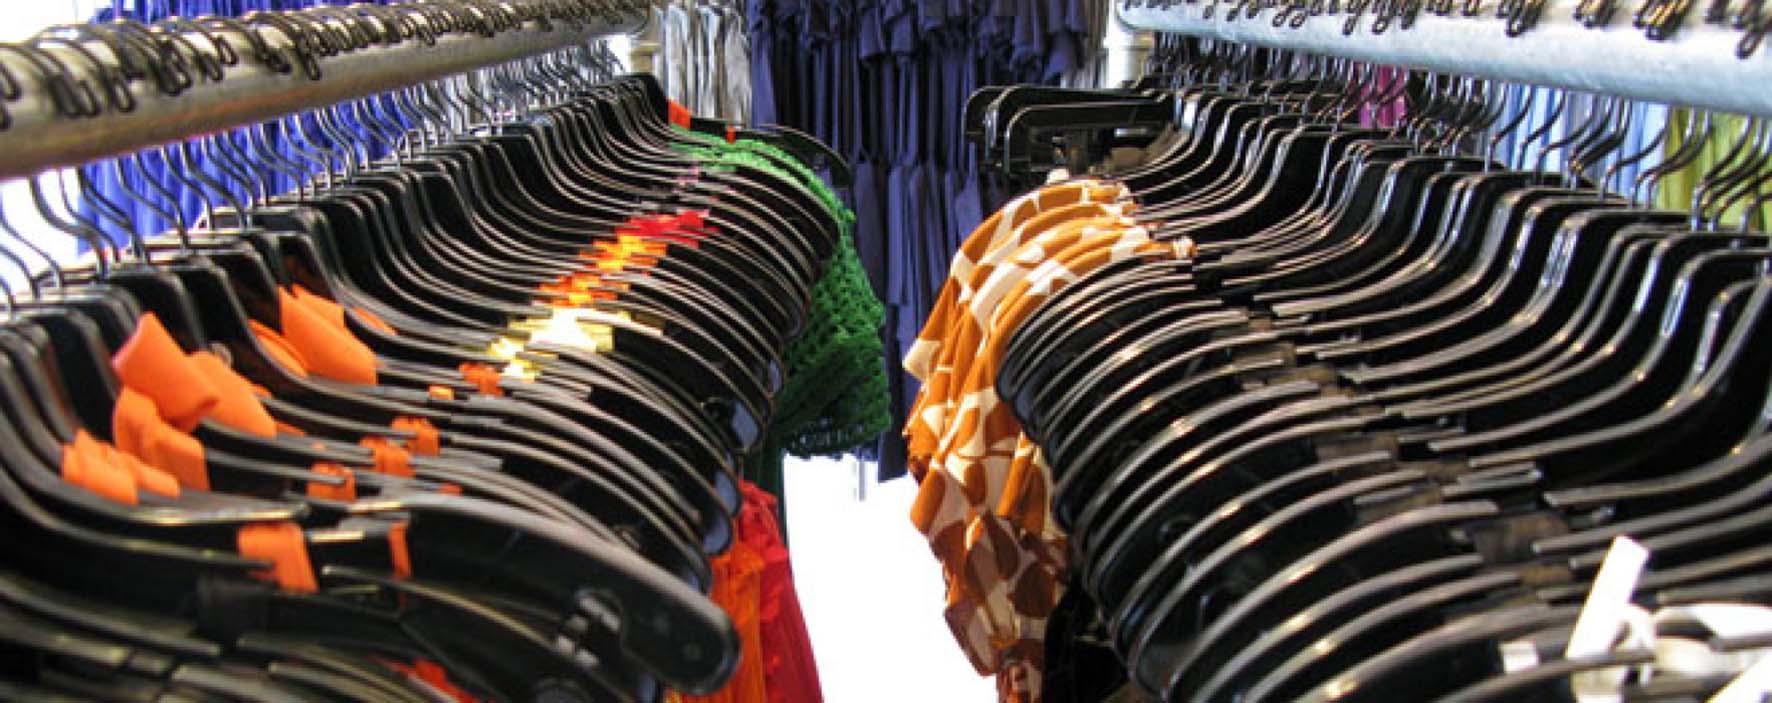 Cciaa di Bolzano commercio crisi venedite grucce abiti